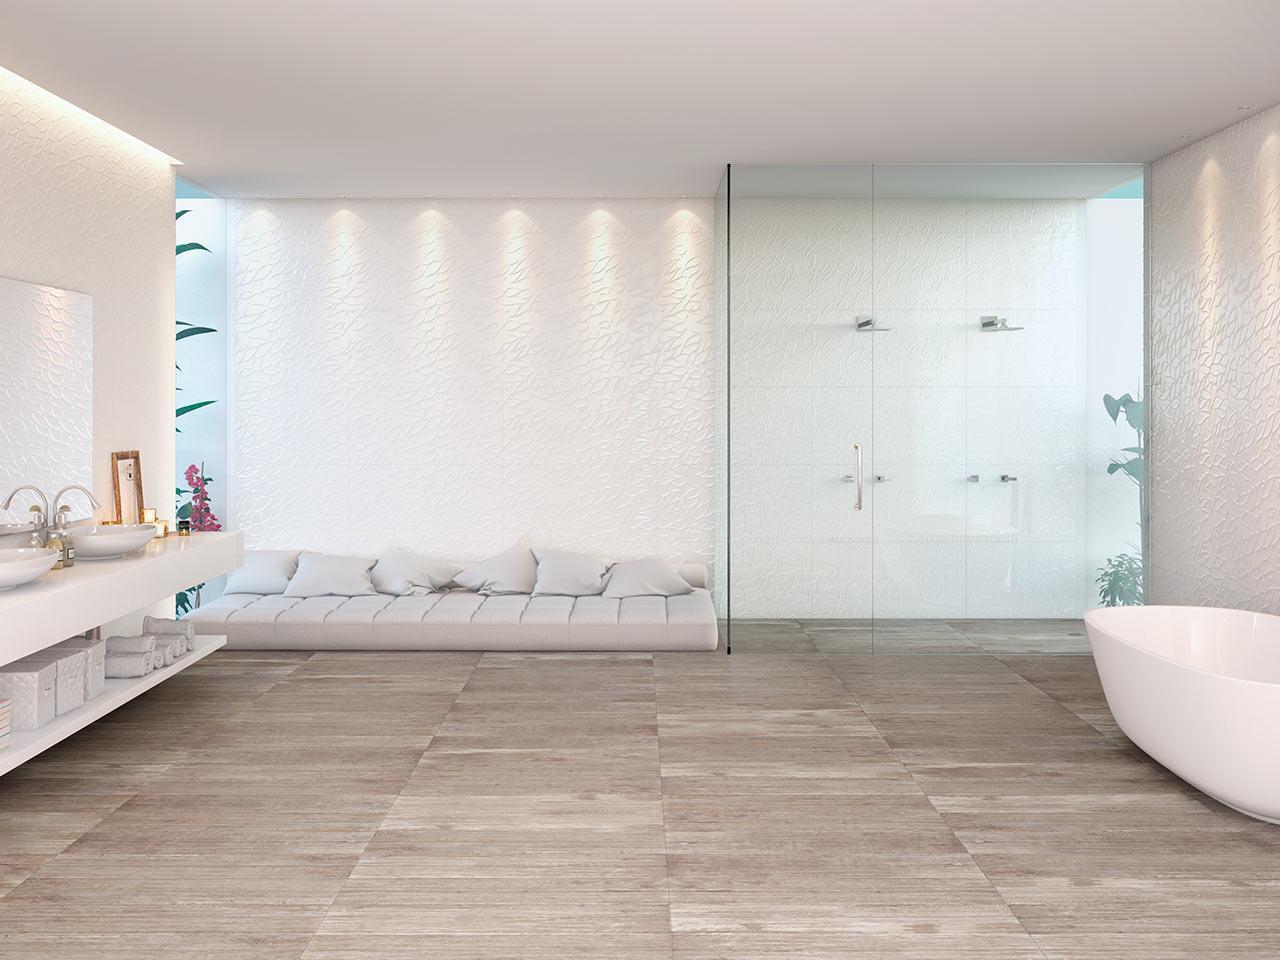 Imagem 56 – Porcelanato amadeirado para esse cantinho aconchegante! #3C7874 1280x960 Banheiro Com Porcelanato Cimento